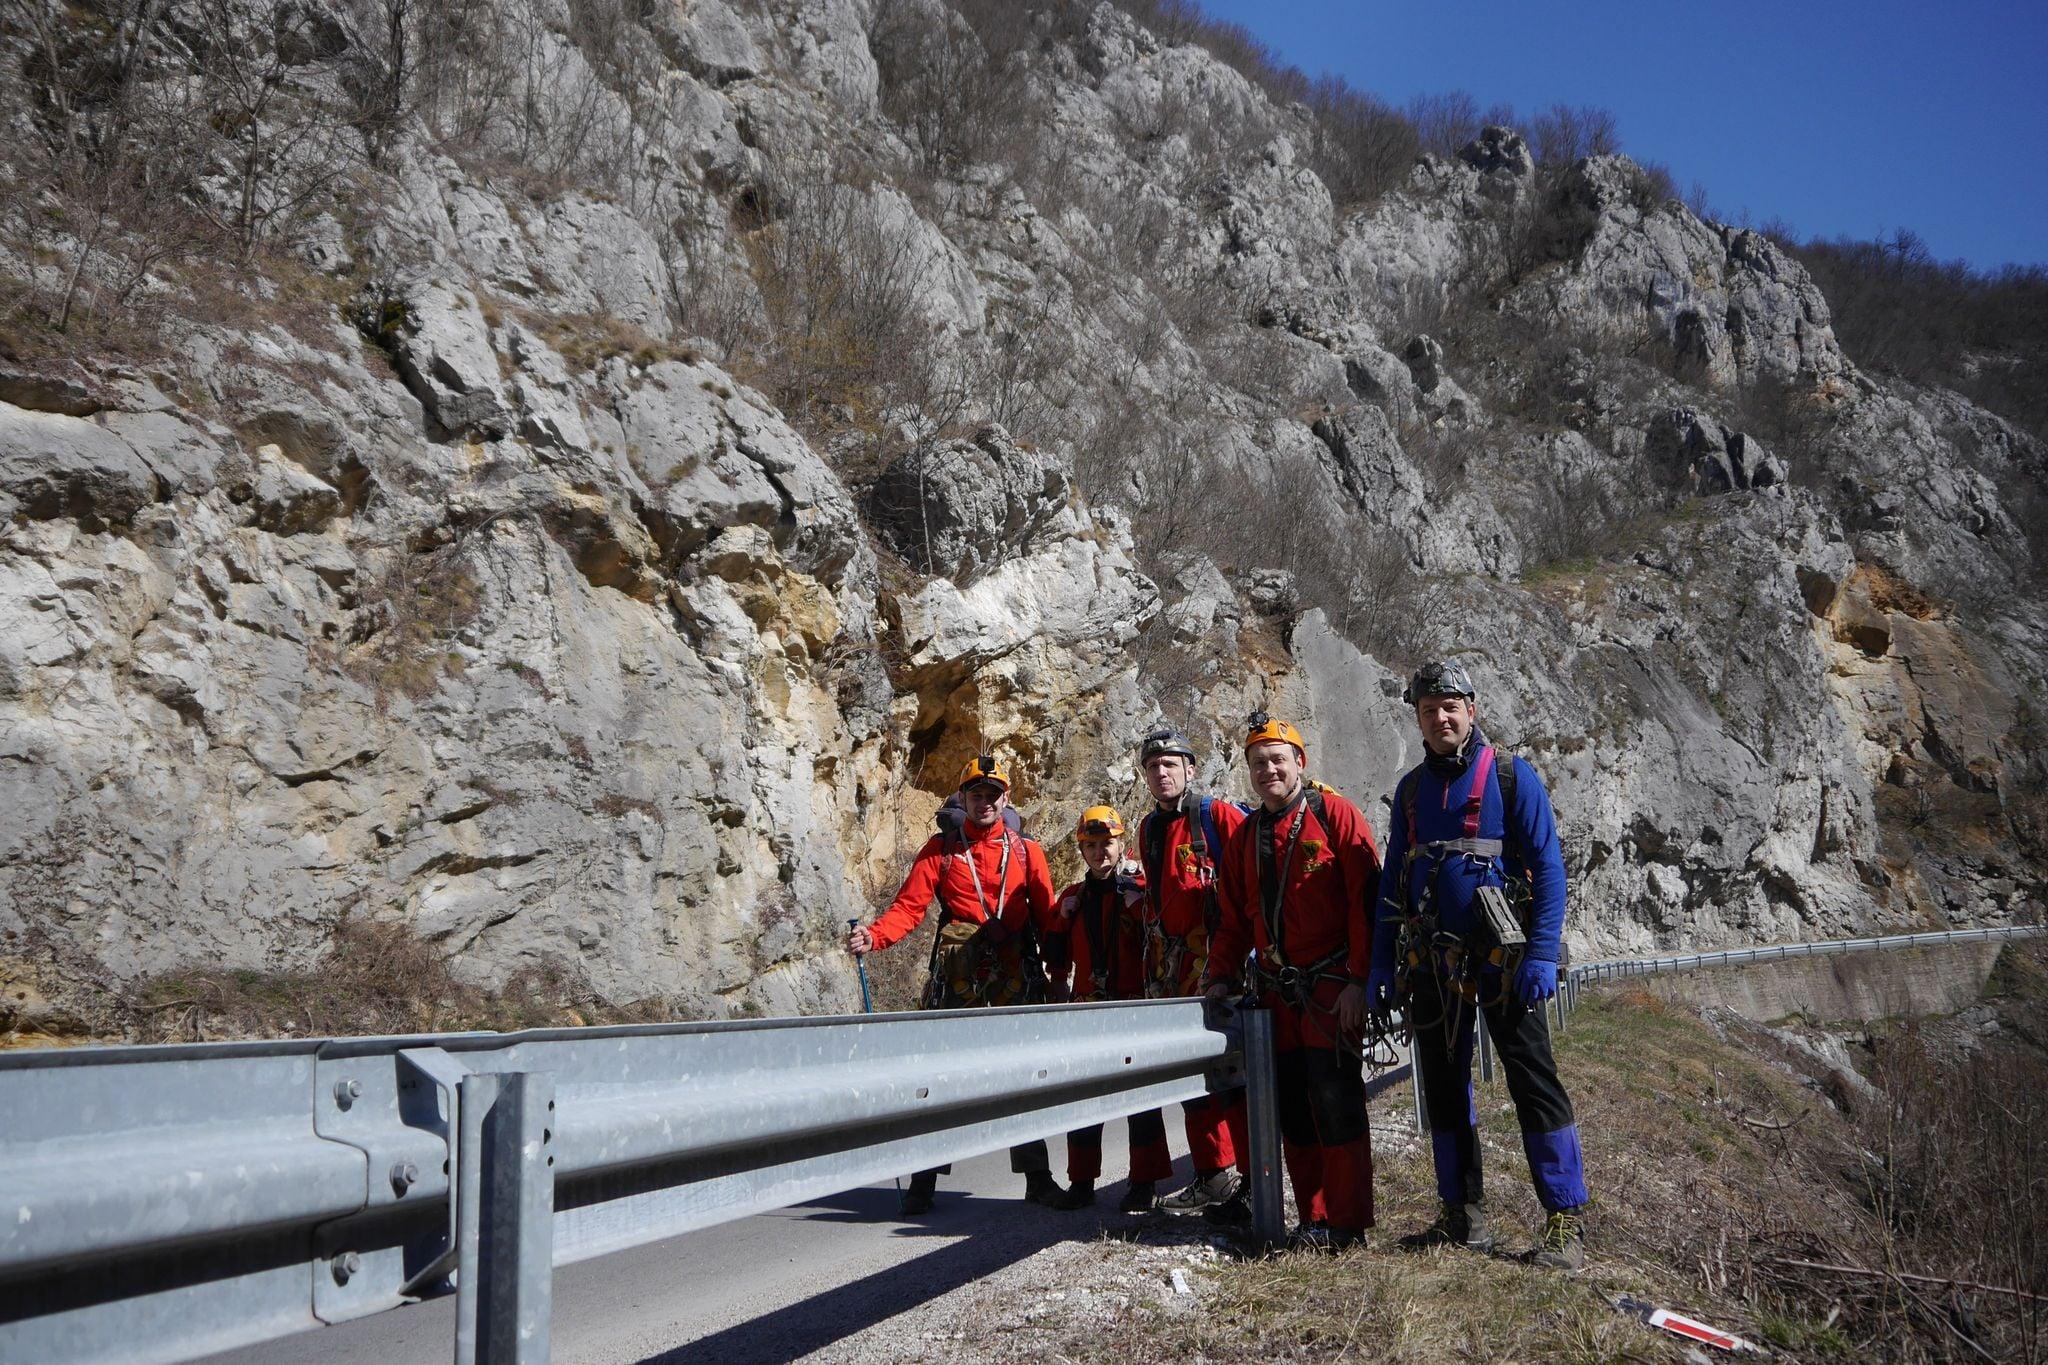 Fotografija preuzeta sa stranice ,,Sportskog speleološkog udruženje SAIS Knjaževac'', SAIS